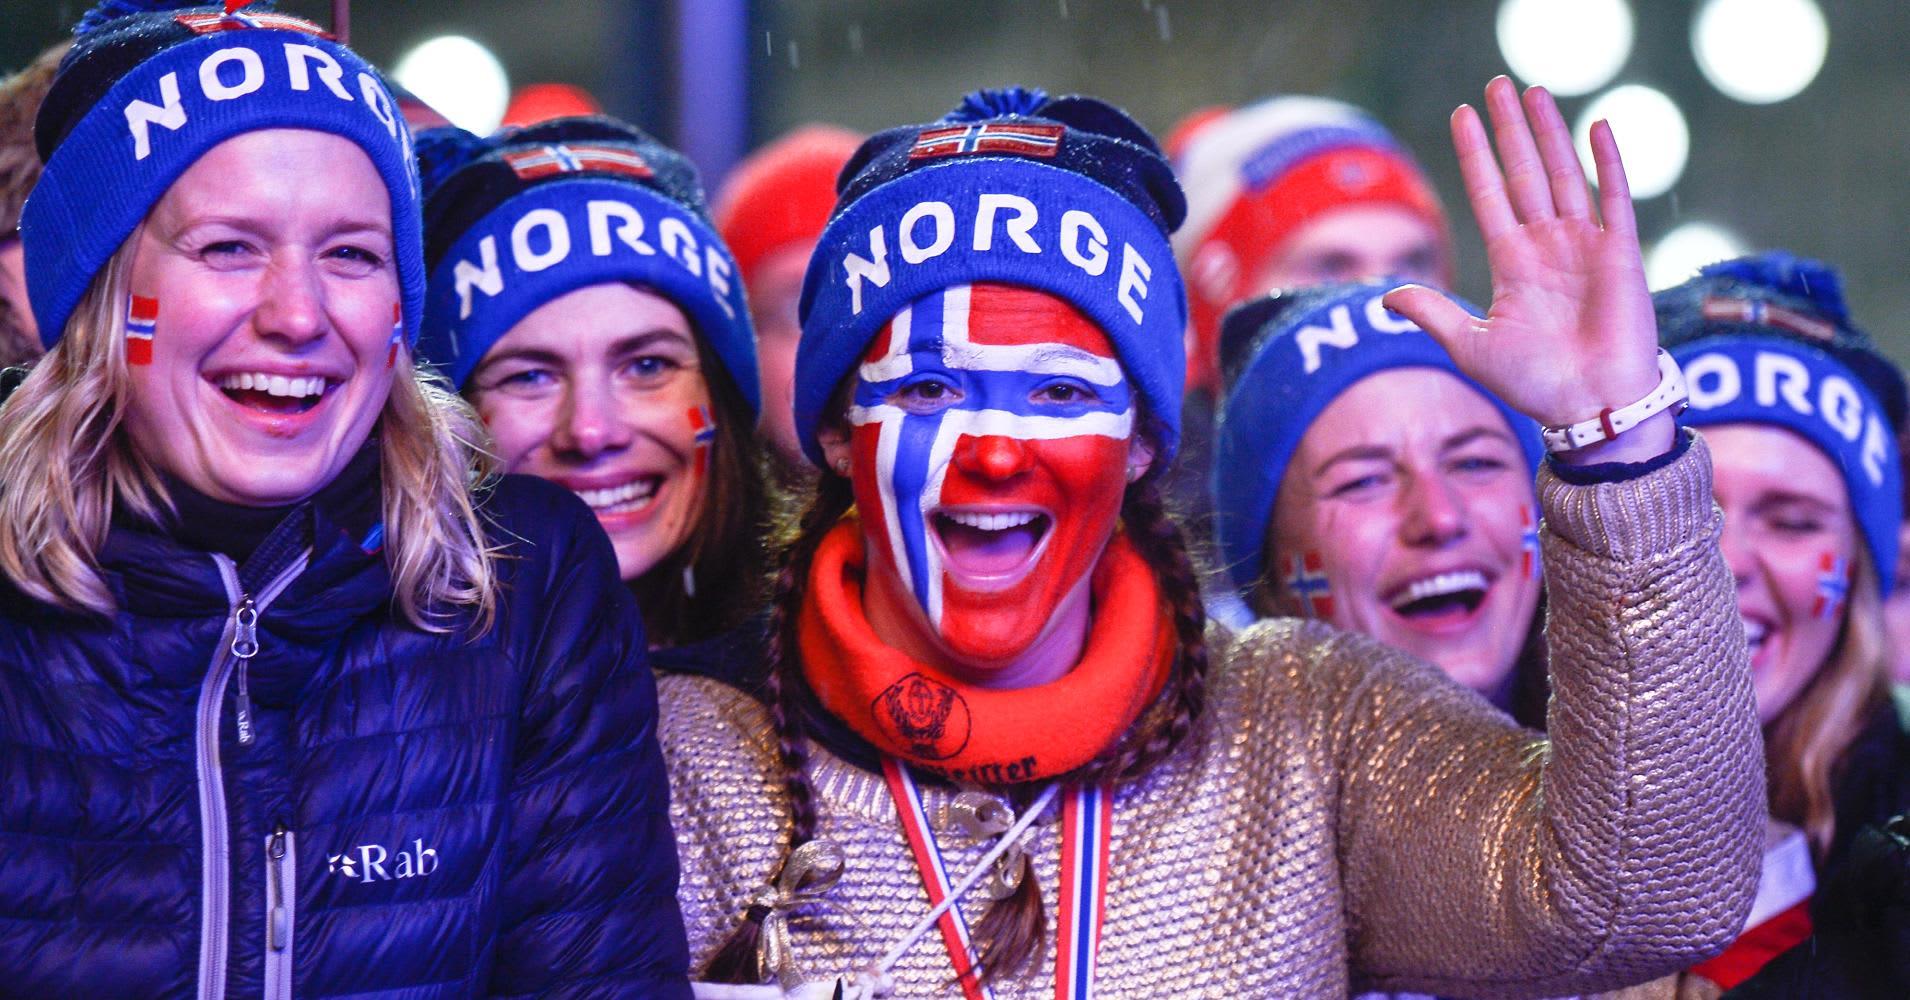 Norwegian fans celebrate.